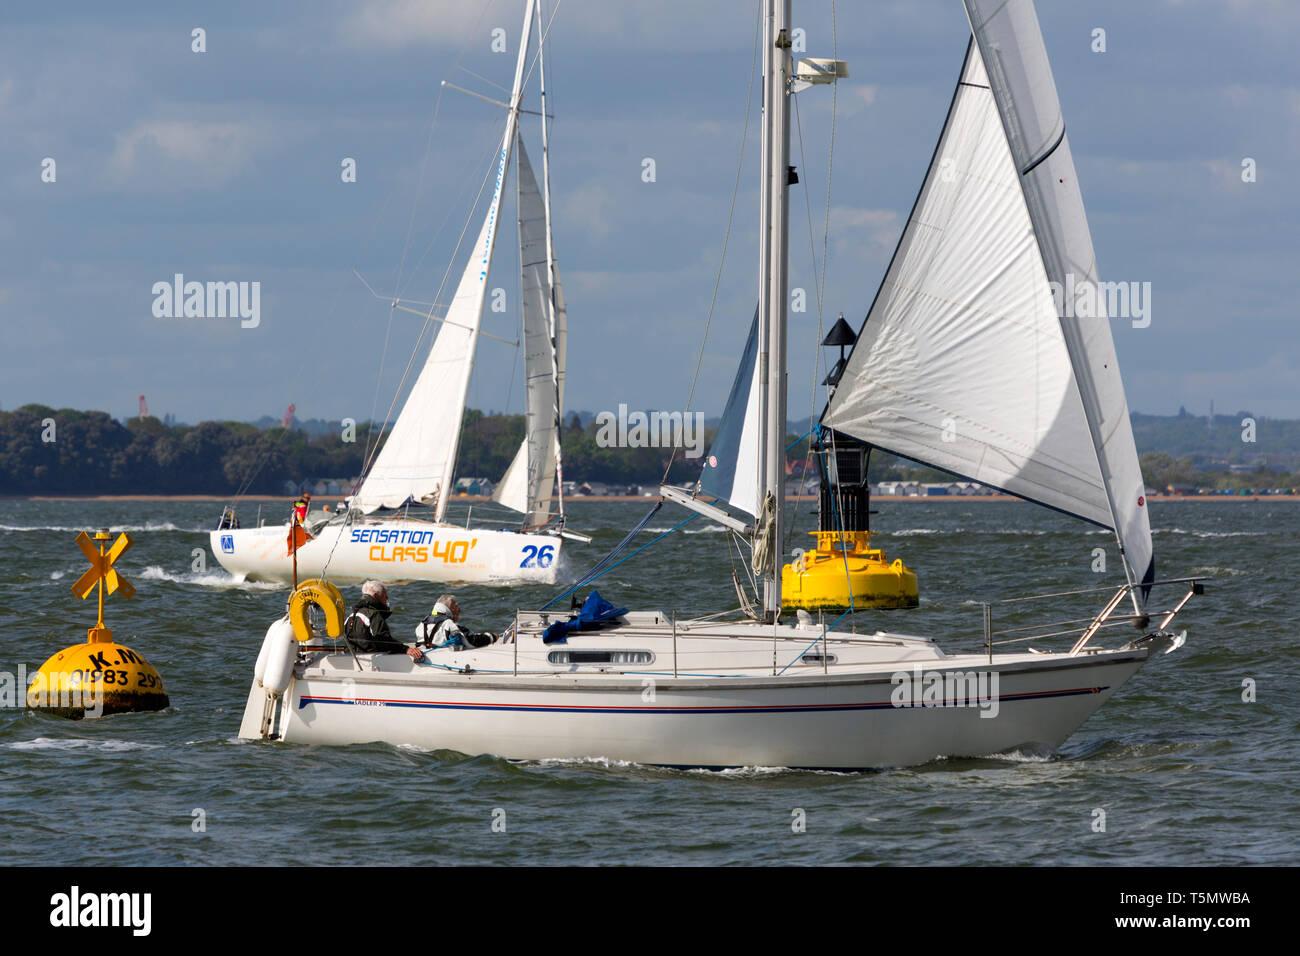 Sadler 29,La Liberté,classe,40, yacht de croisière, voile,cruiser,retraités,voile,couple,rouleau,,bosse,foc, grand-voile,voile,long,distance,voyage,vacances,la Photo Stock